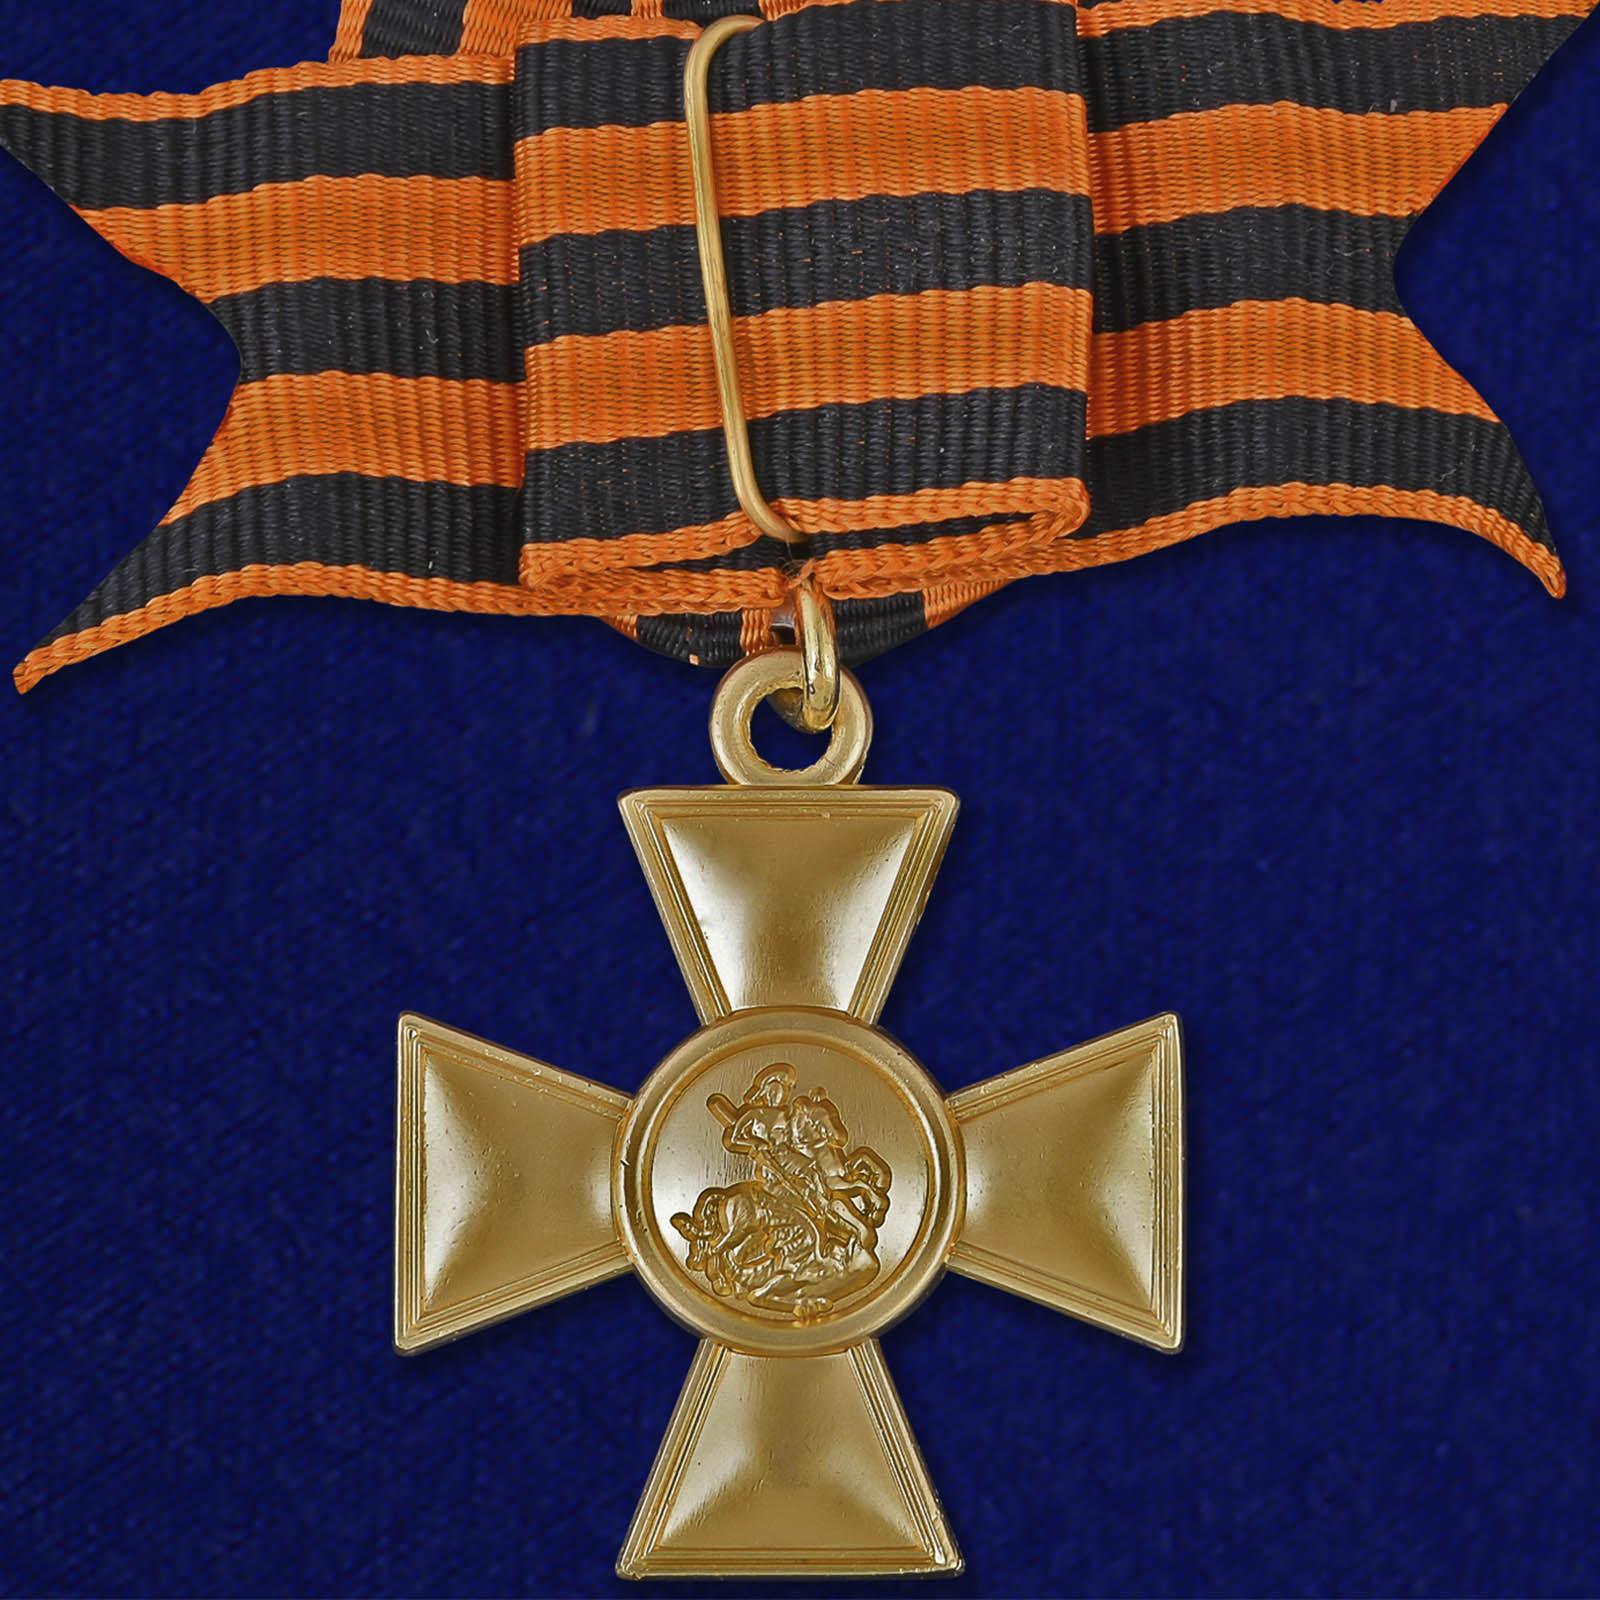 Медаль георгиевский крест фото размеры